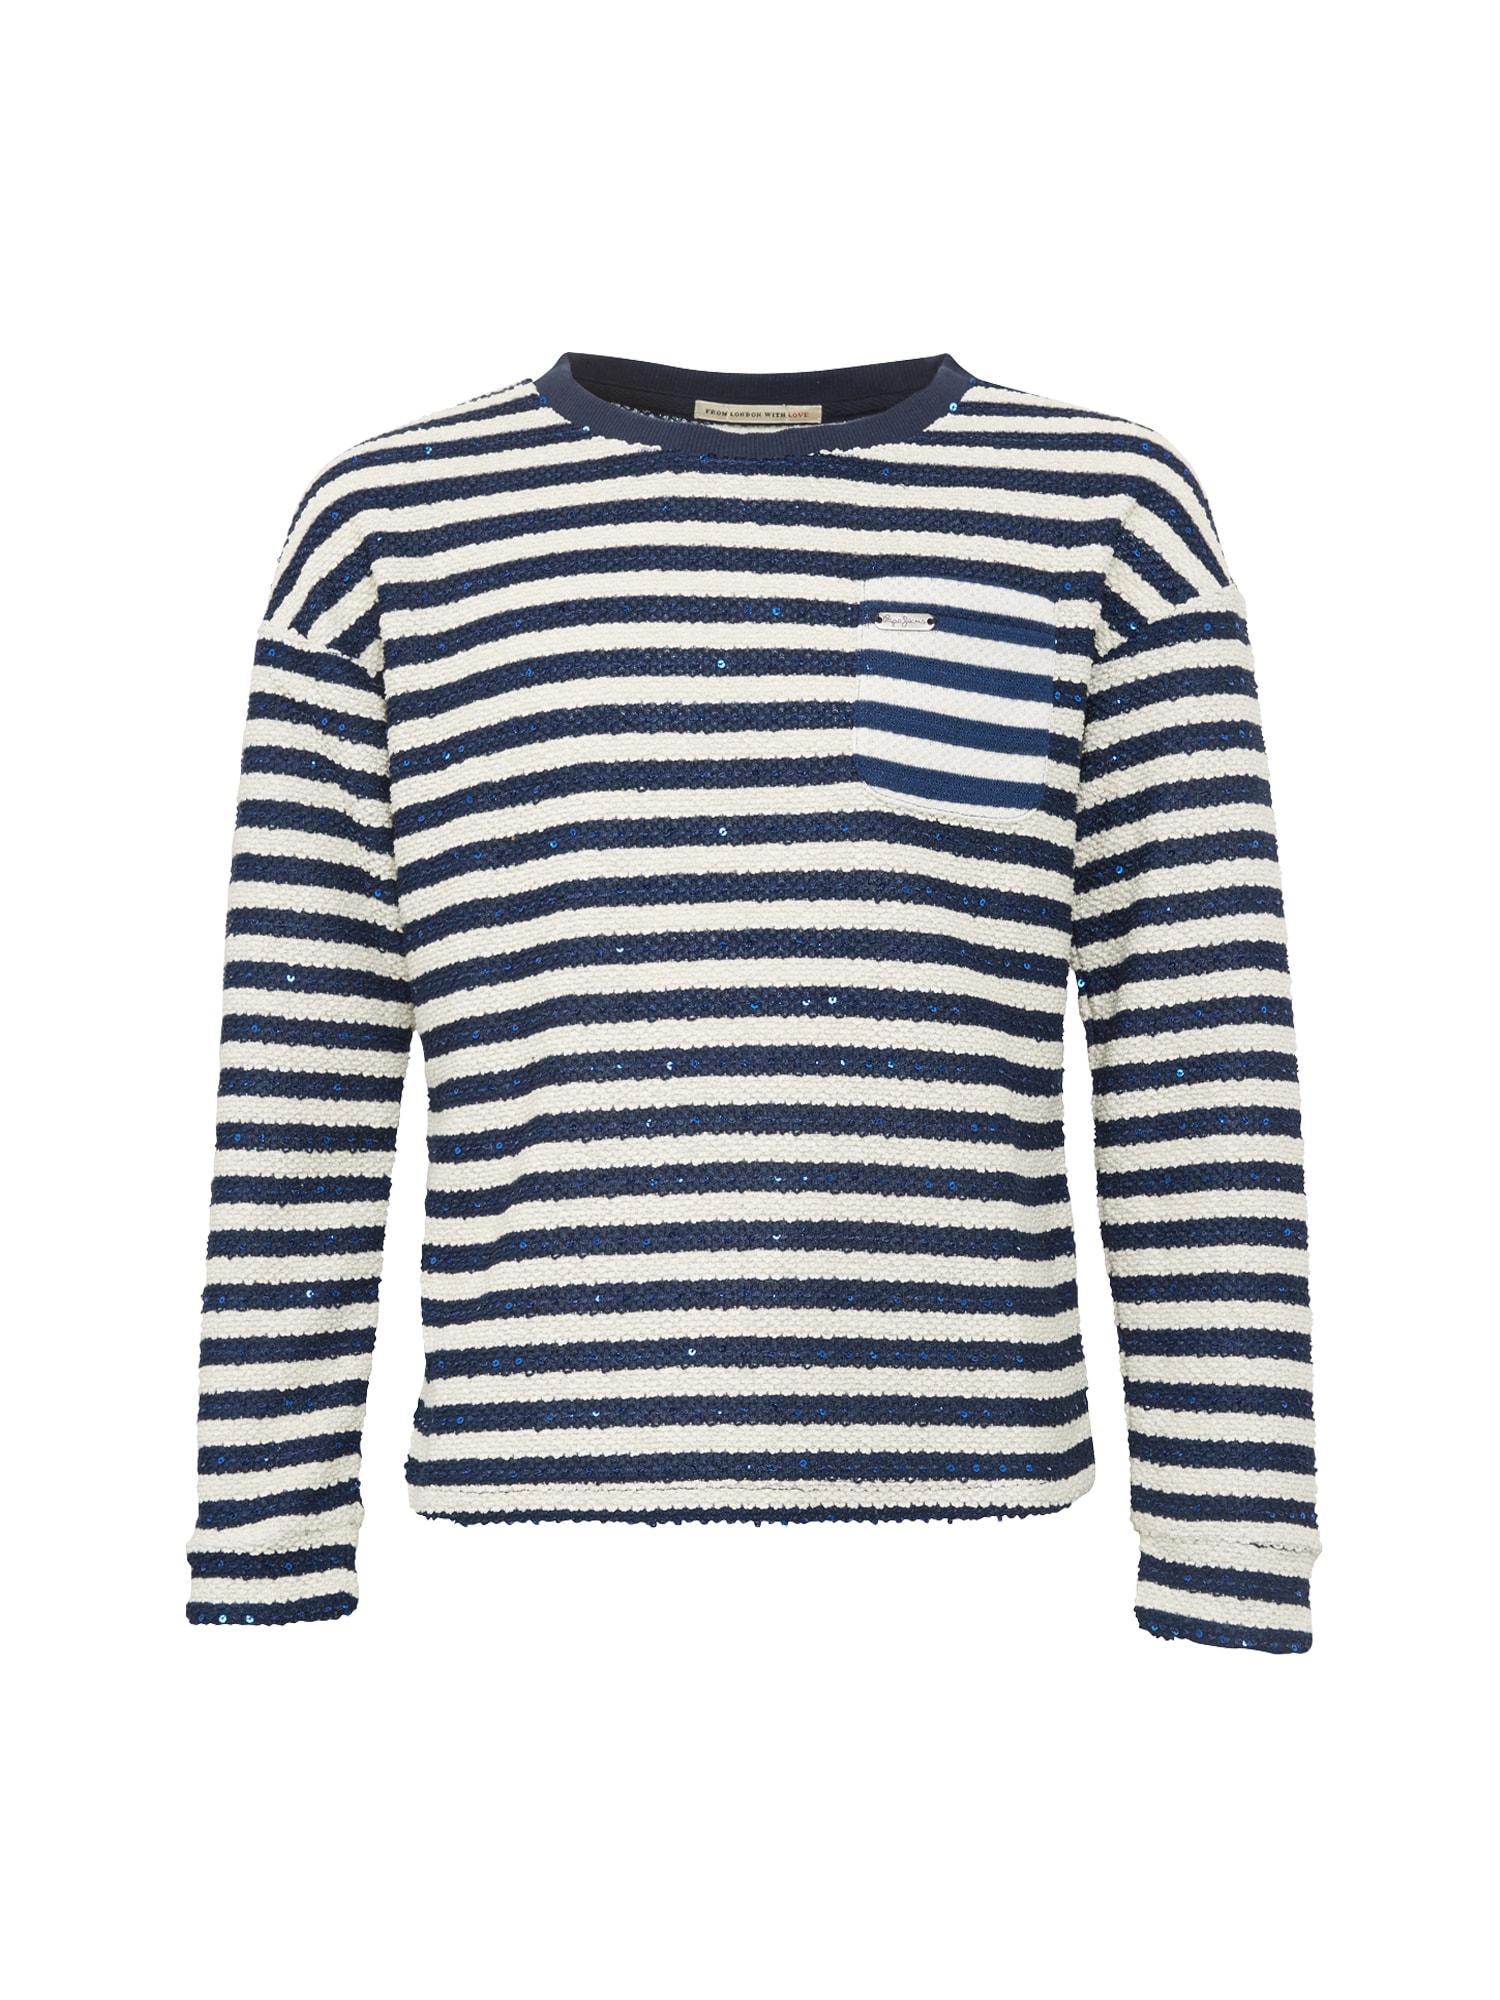 Pepe Jeans Meisjes Sweatshirt BARBARA JR donkerblauw wit